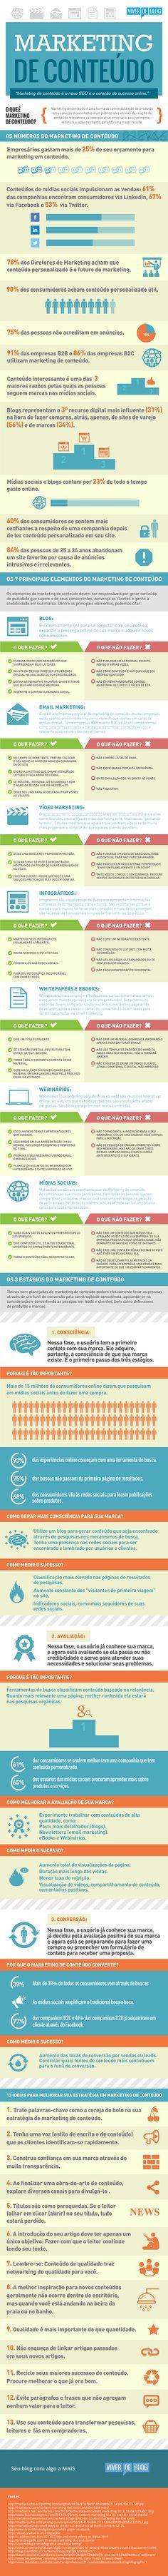 Quer saber absolutamente tudo sobre Marketing de Conteúdo? Veja esse super guia e infográfico para entender todos os detalhes.